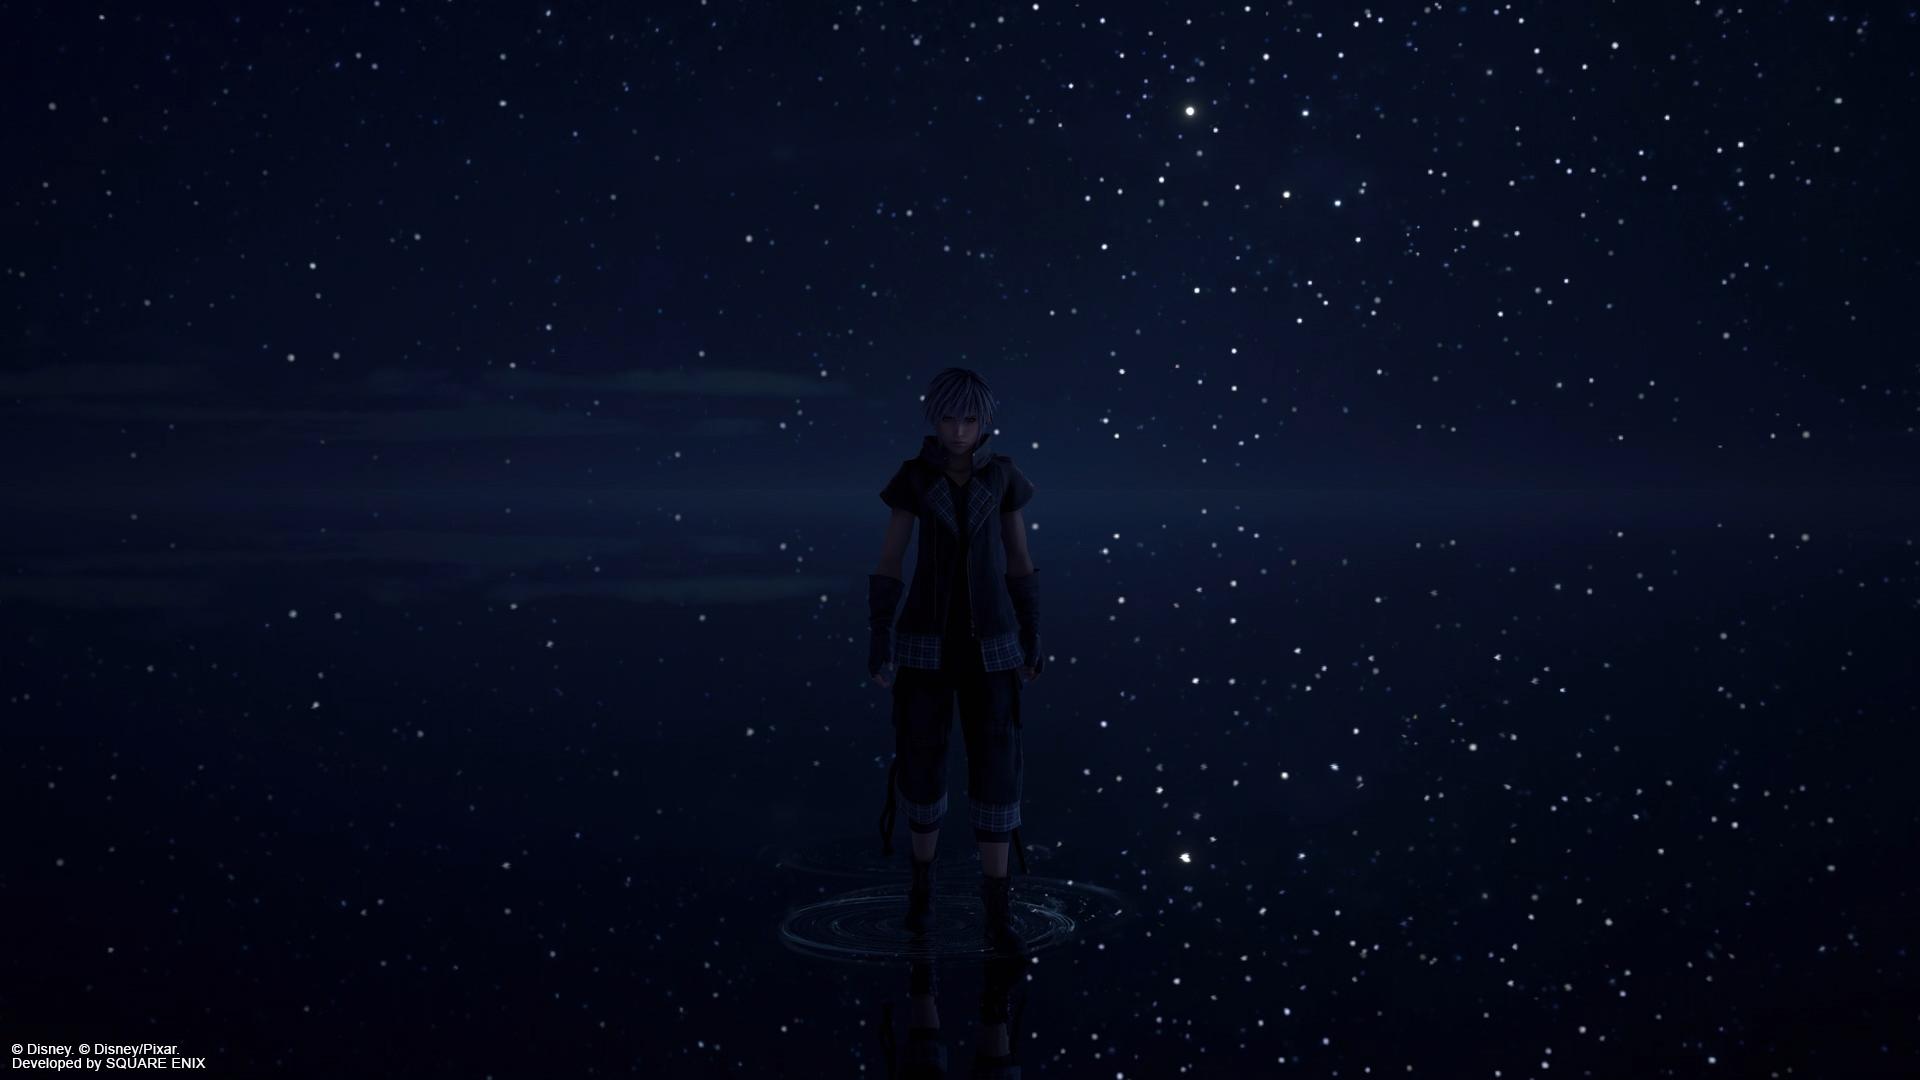 Yozora Kingdom Hearts Kingdom Hearts Iii Image 2785431